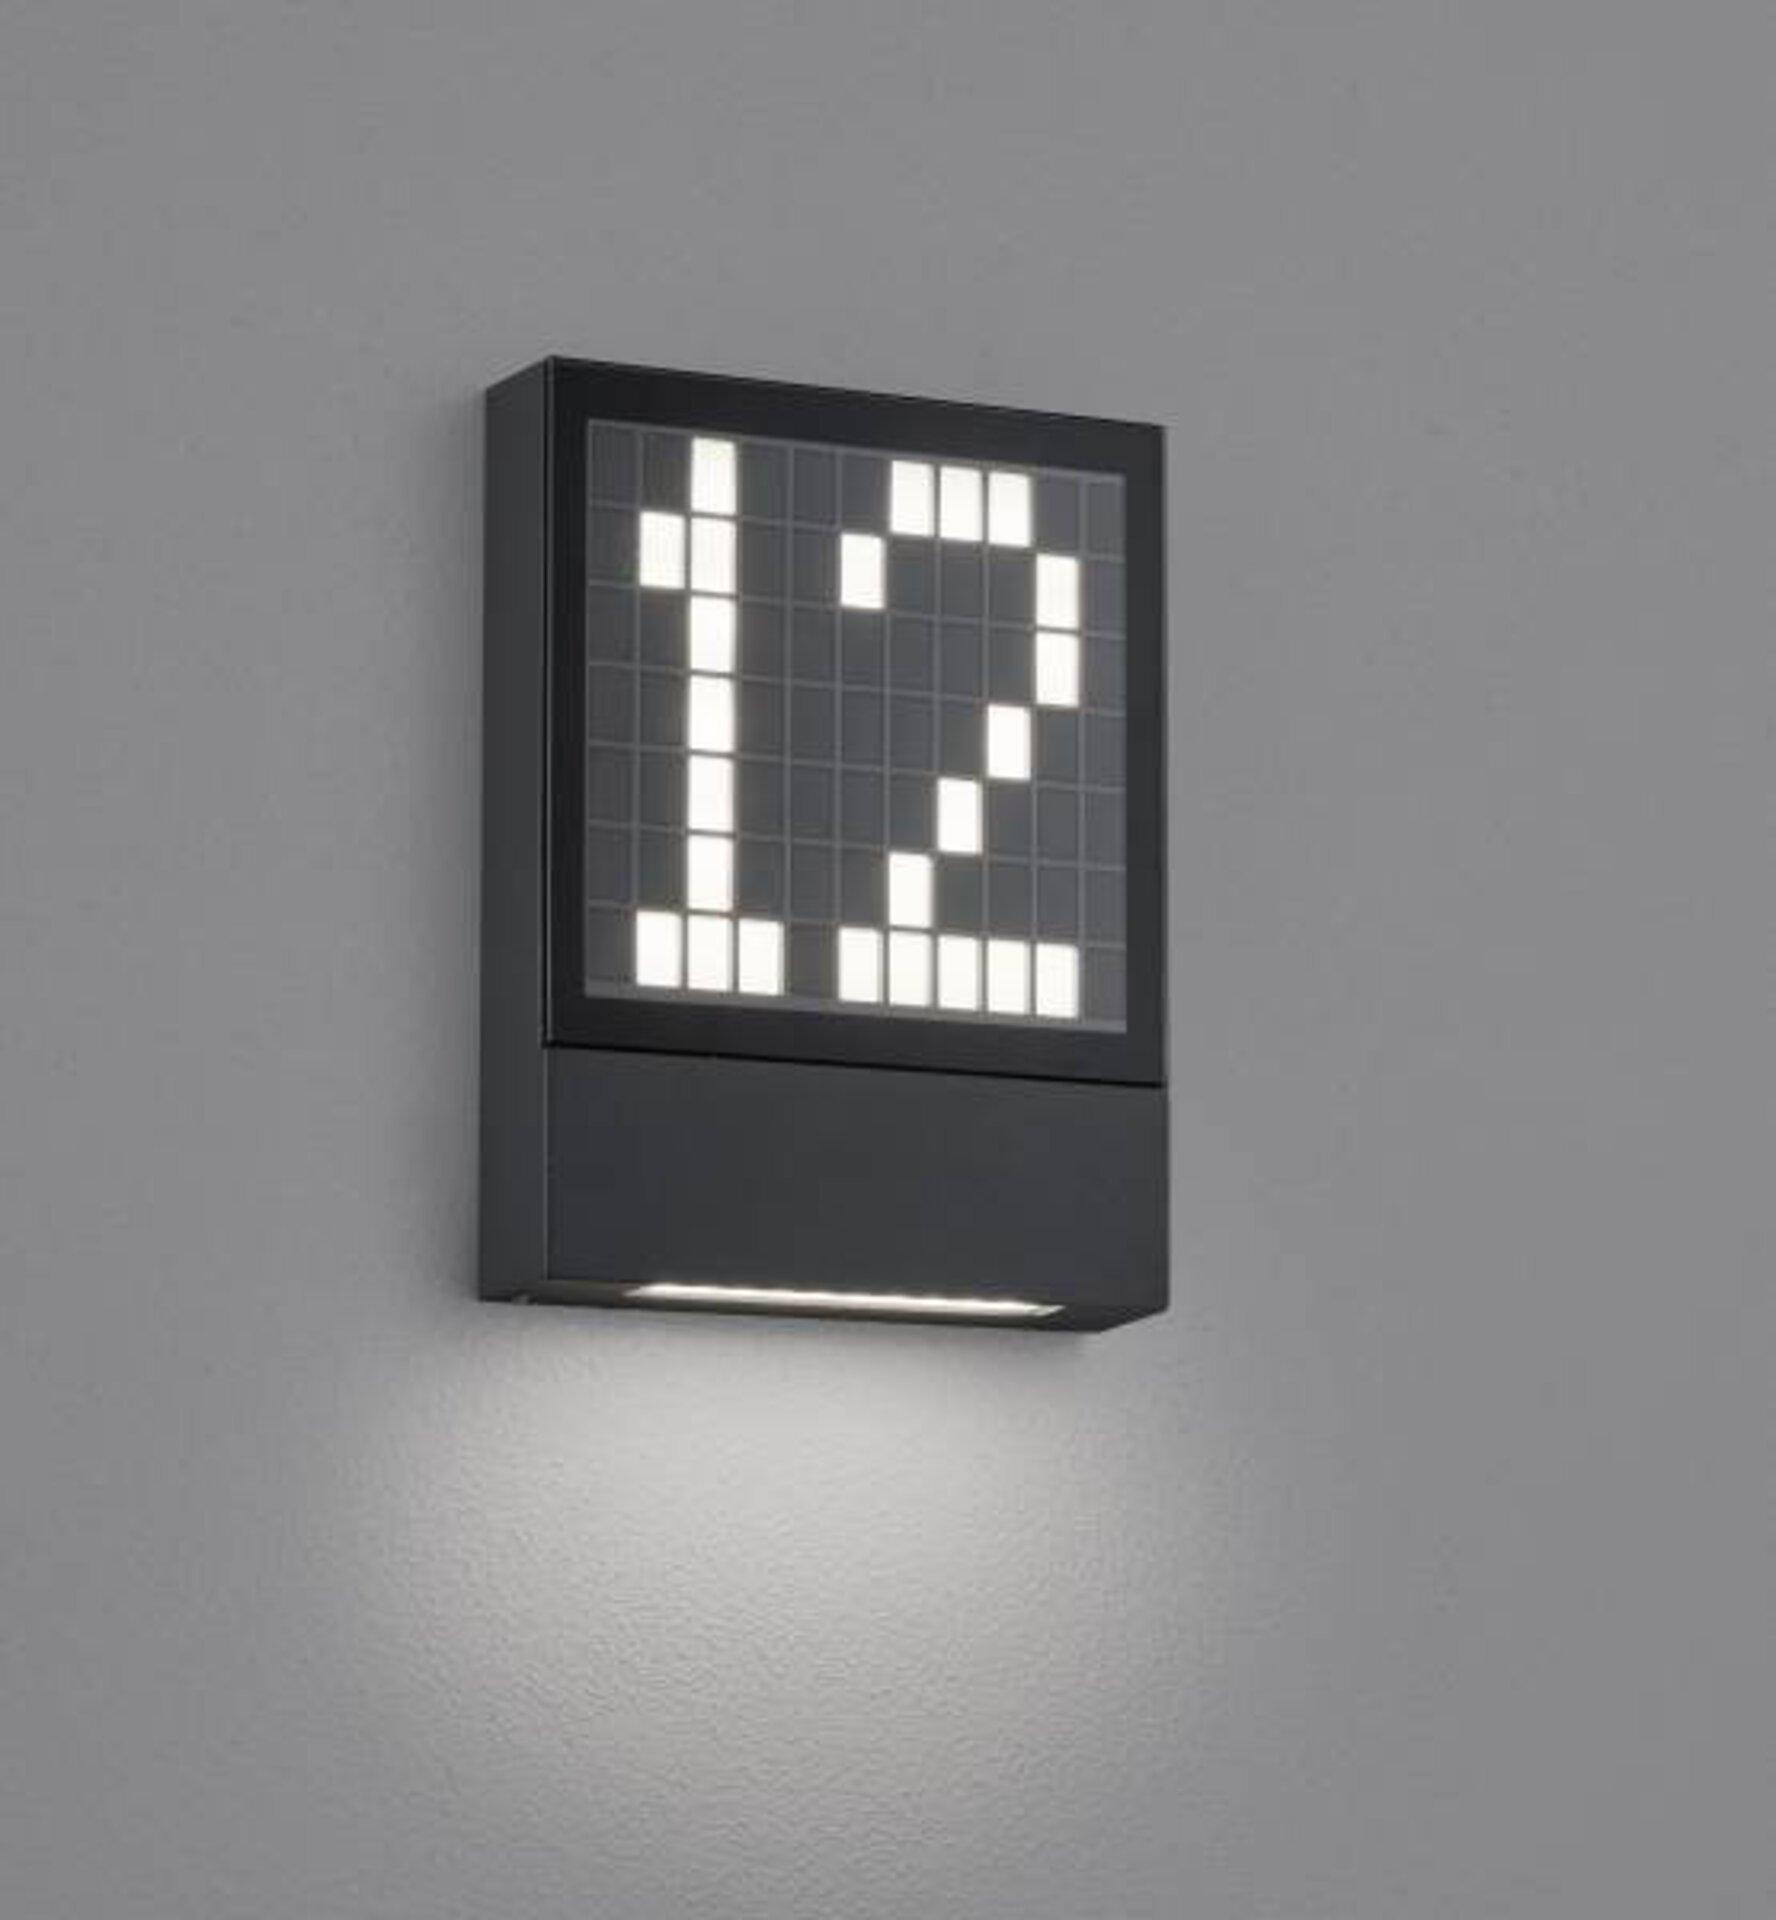 Wand-Aussenleuchte DIAL Helestra Leuchten Metall 15 x 4 x 20 cm